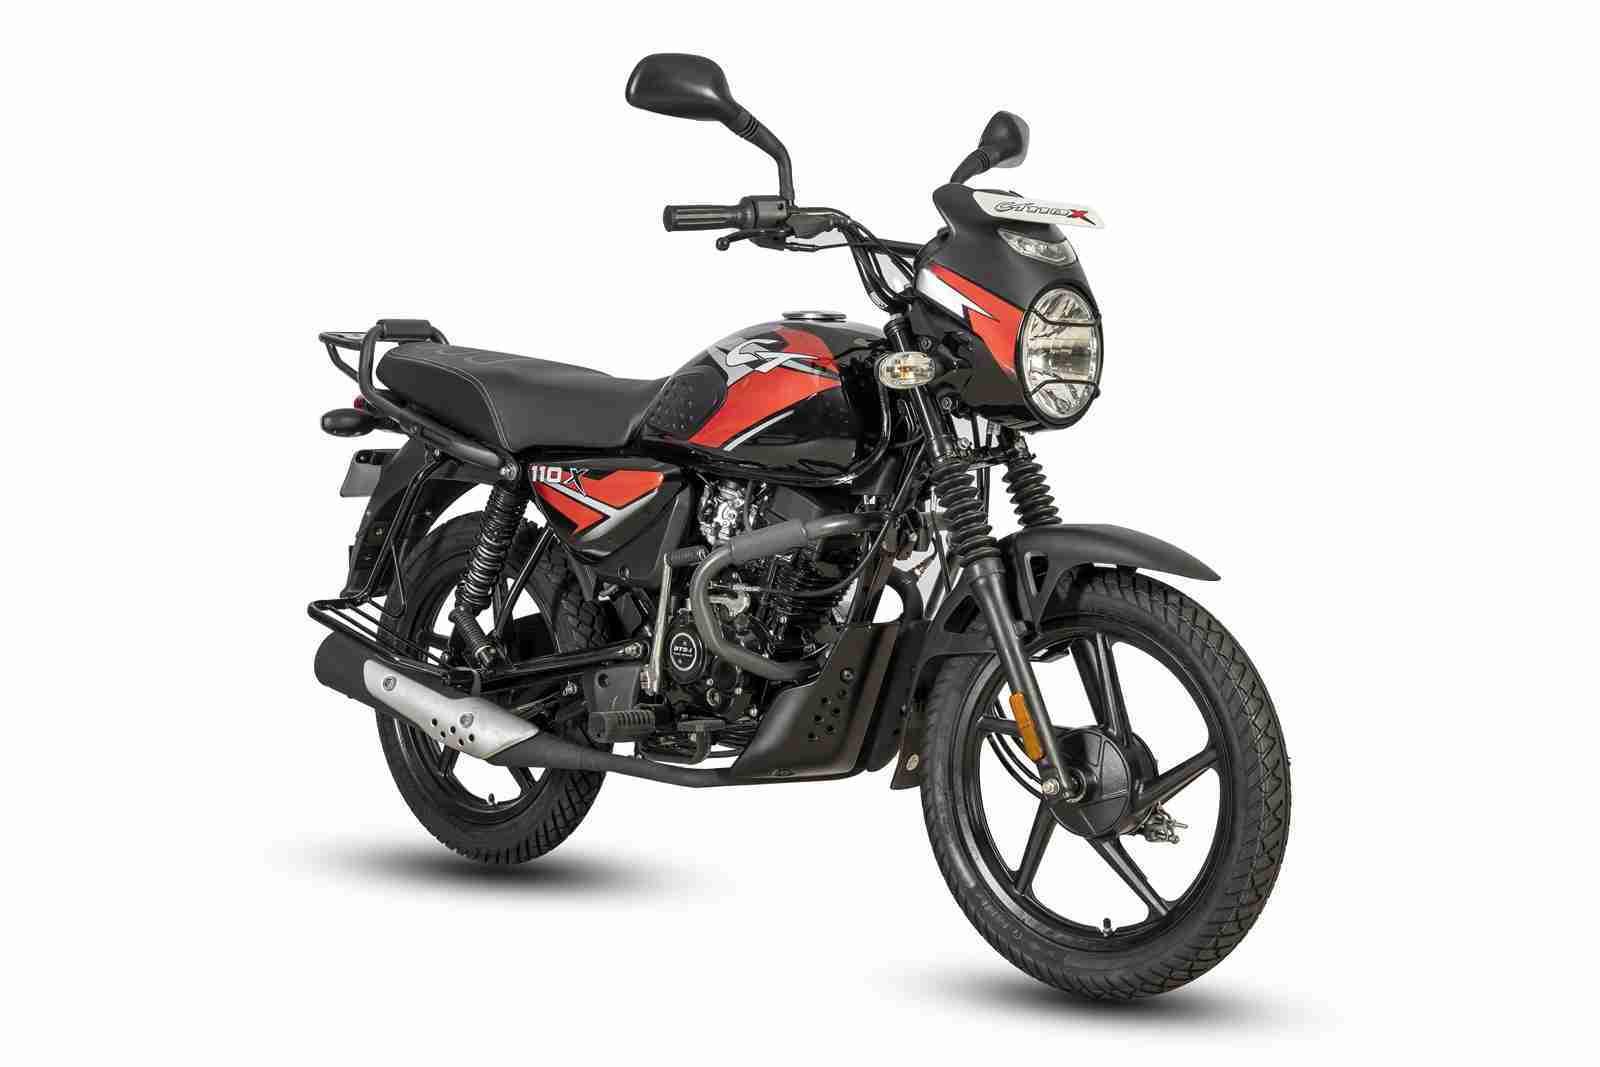 New 2021 Bajaj CT110X